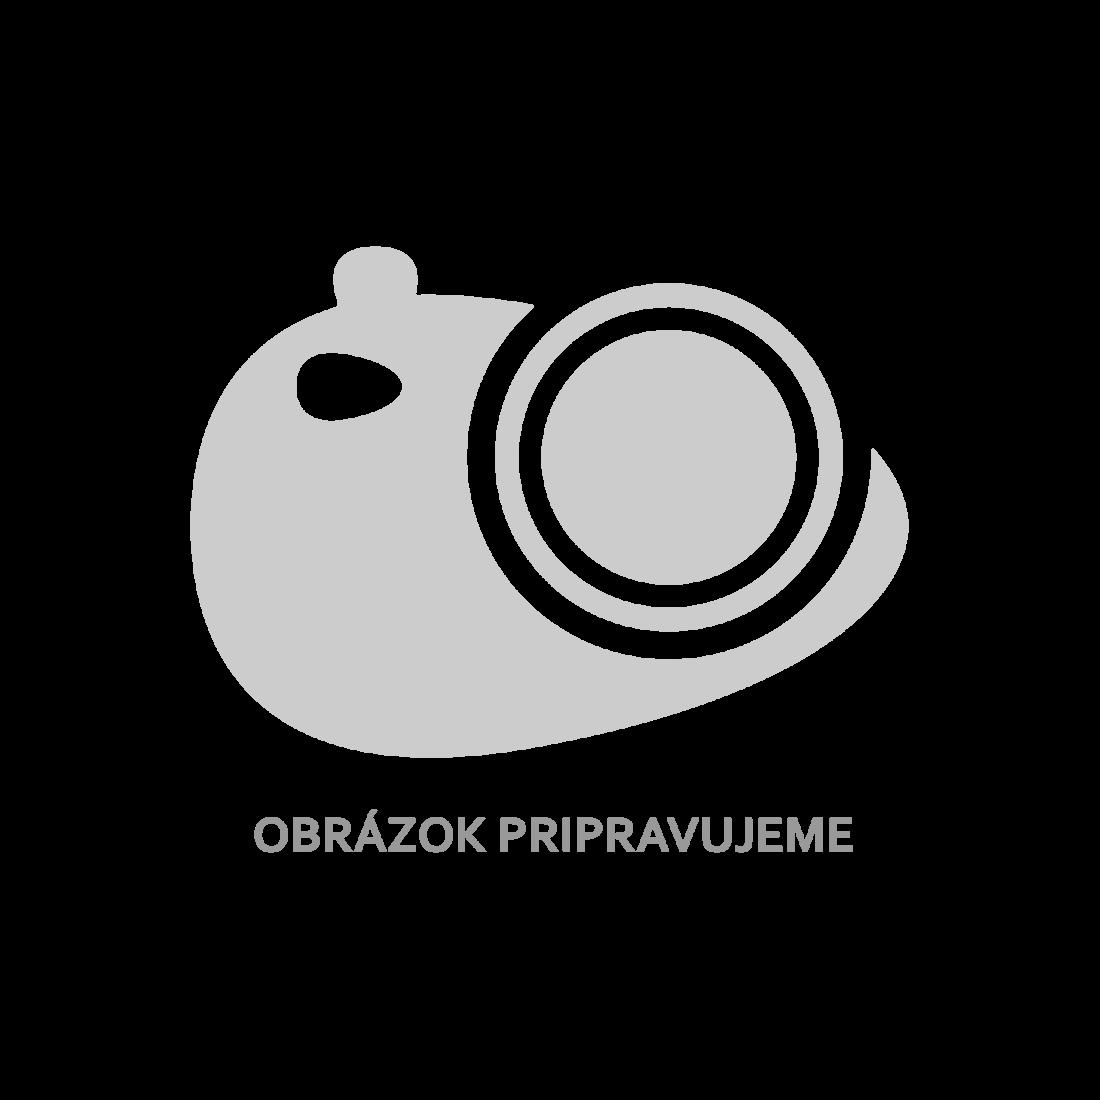 Skládací barové židle 2 ks HDPE a ocel hnědé ratanový vzhled [44558]